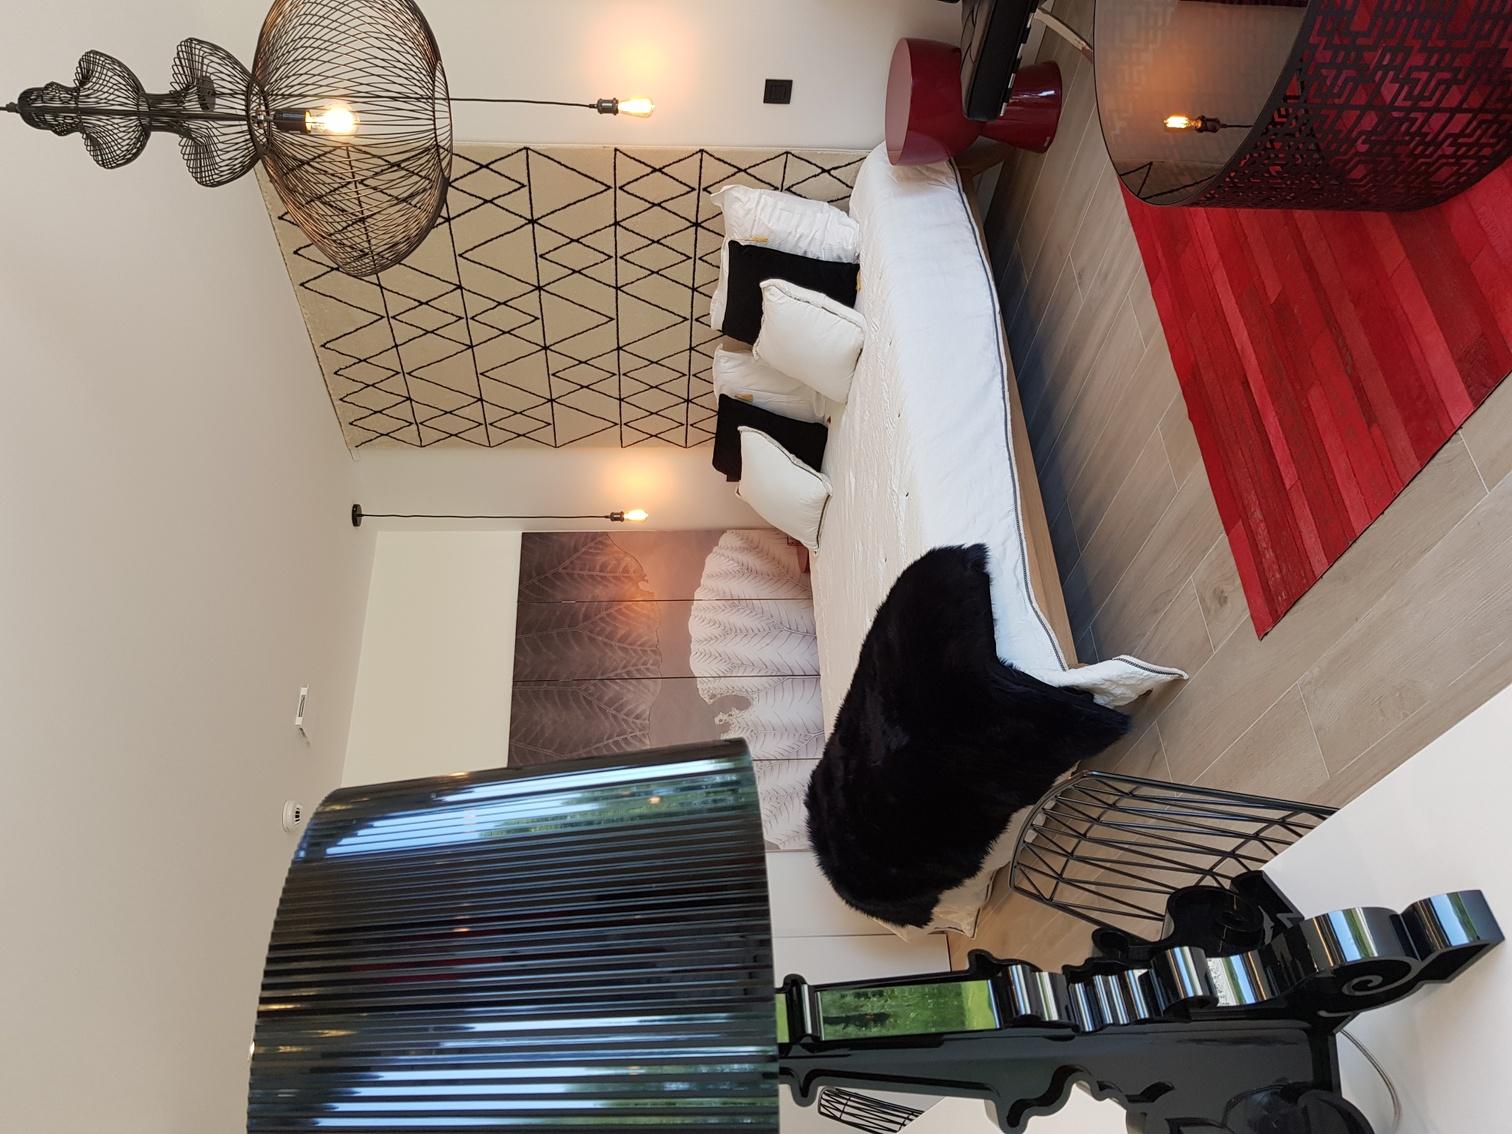 inrichting viersterren bed&breakfast - gastenkamer AngeLine